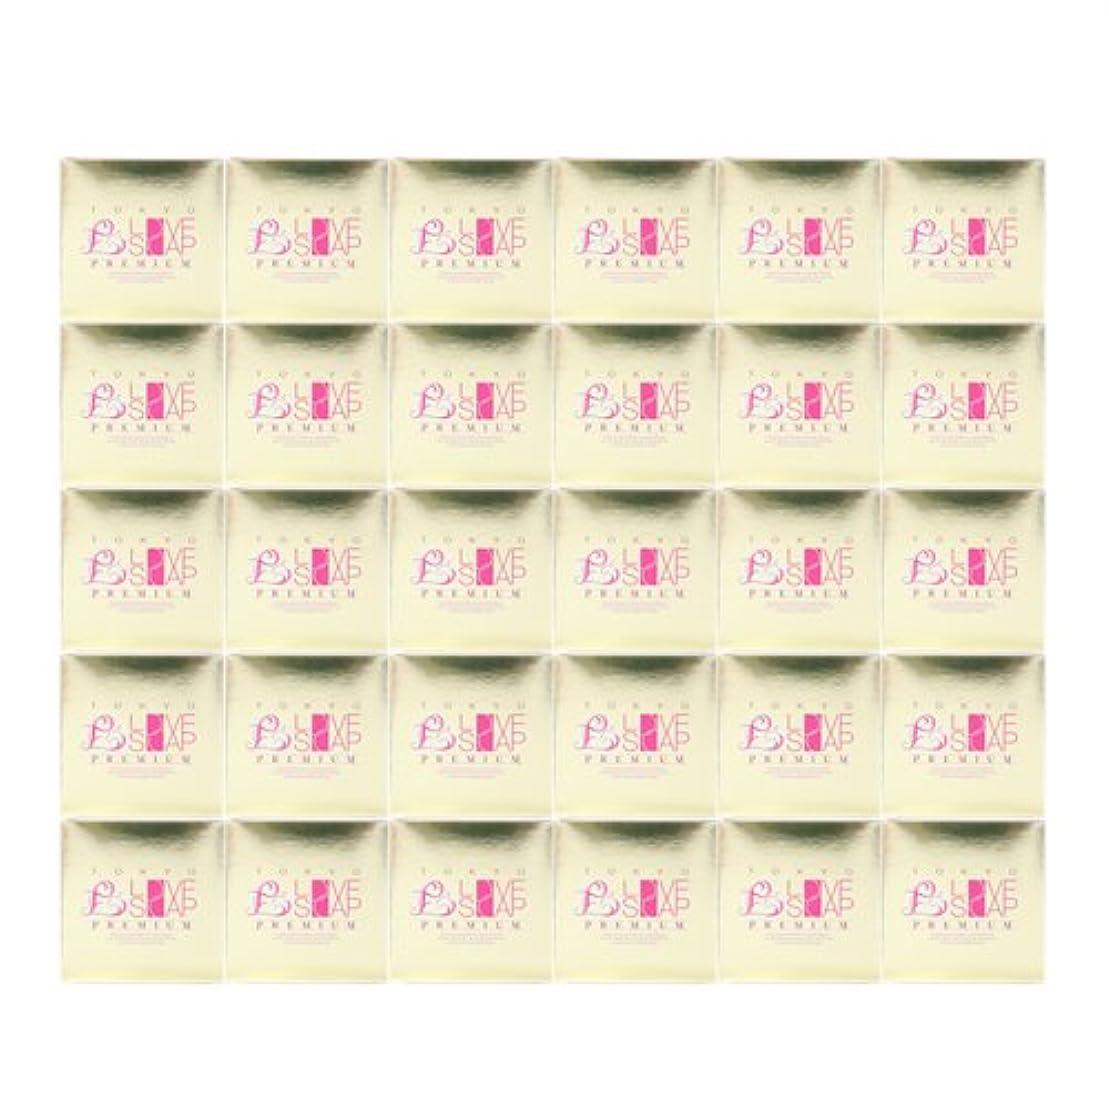 理容室自宅で感嘆東京ラブソープ プレミアム (100g) x30個 セット